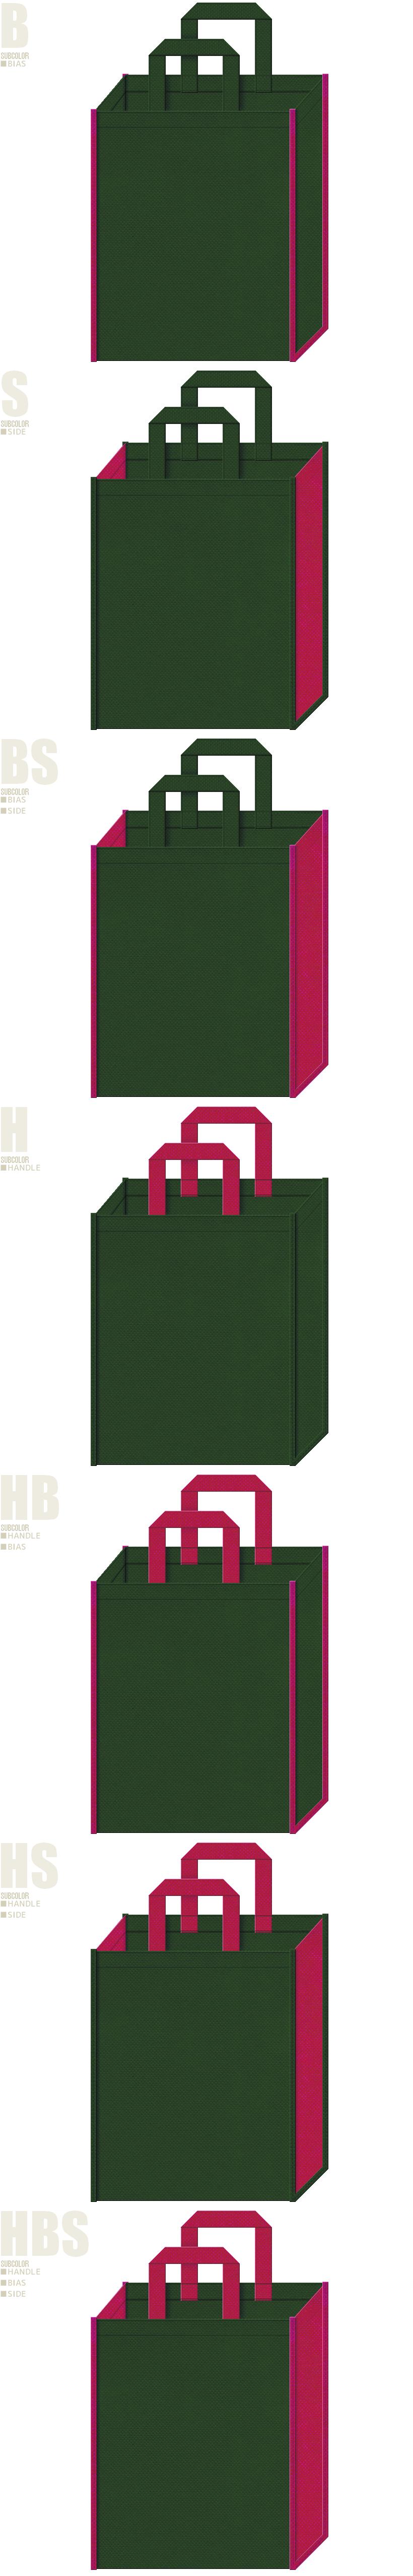 学校・卒業式・成人式・梅・振袖・着物・帯・写真館・ゲーム・和風催事にお奨めの不織布バッグデザイン:濃緑色と濃いピンク色の配色7パターン